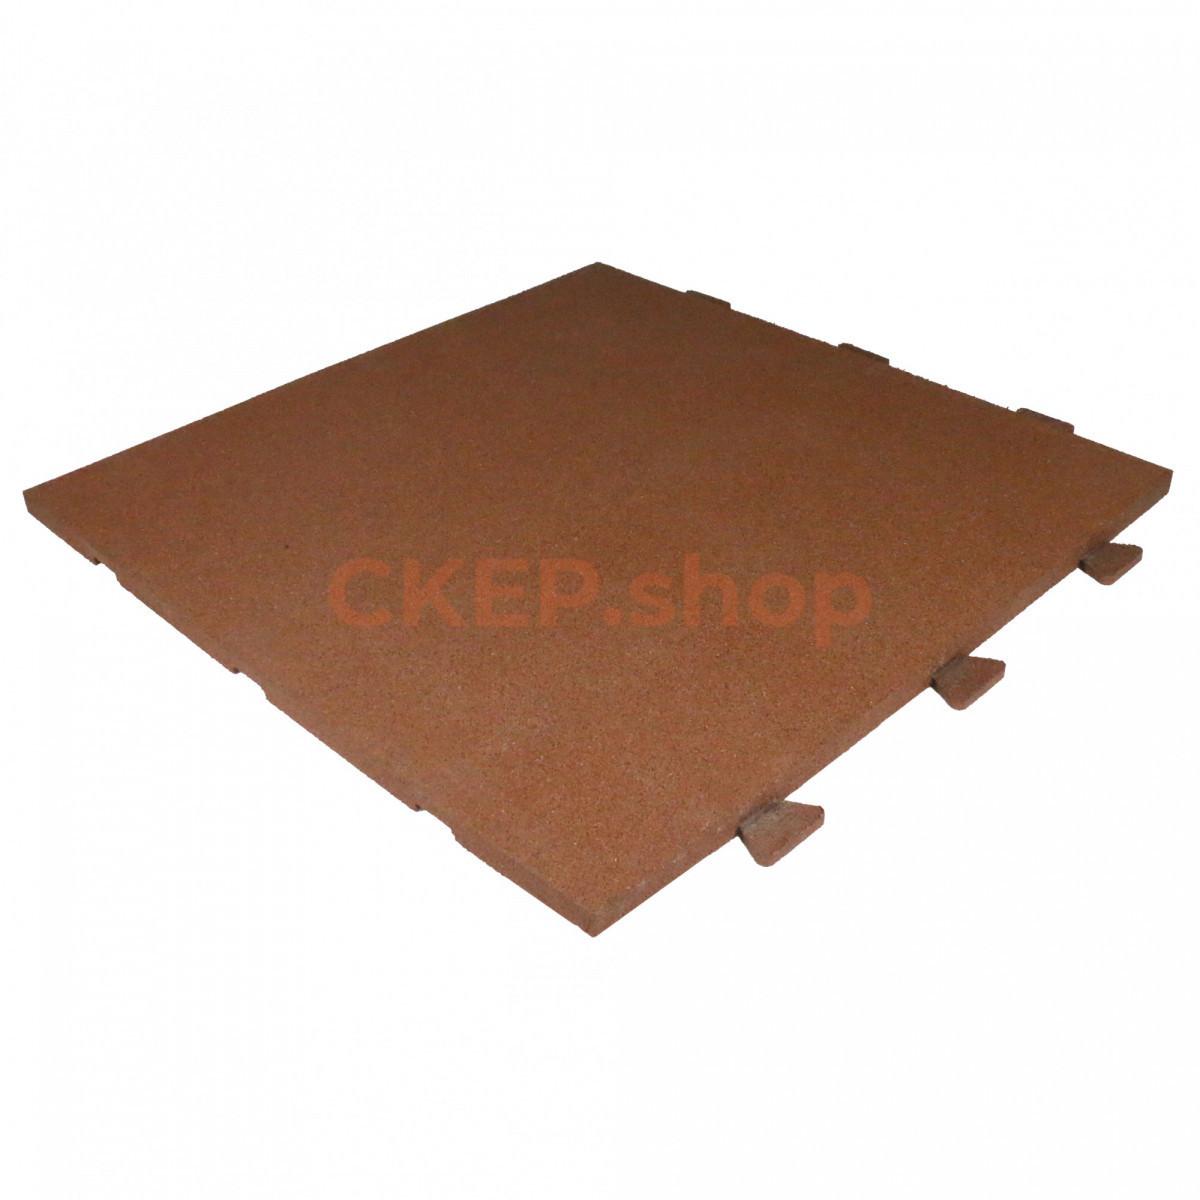 Резиновая плитка 1000х1000х30, со скрытым крепление ласточкин хвост, оранжевая